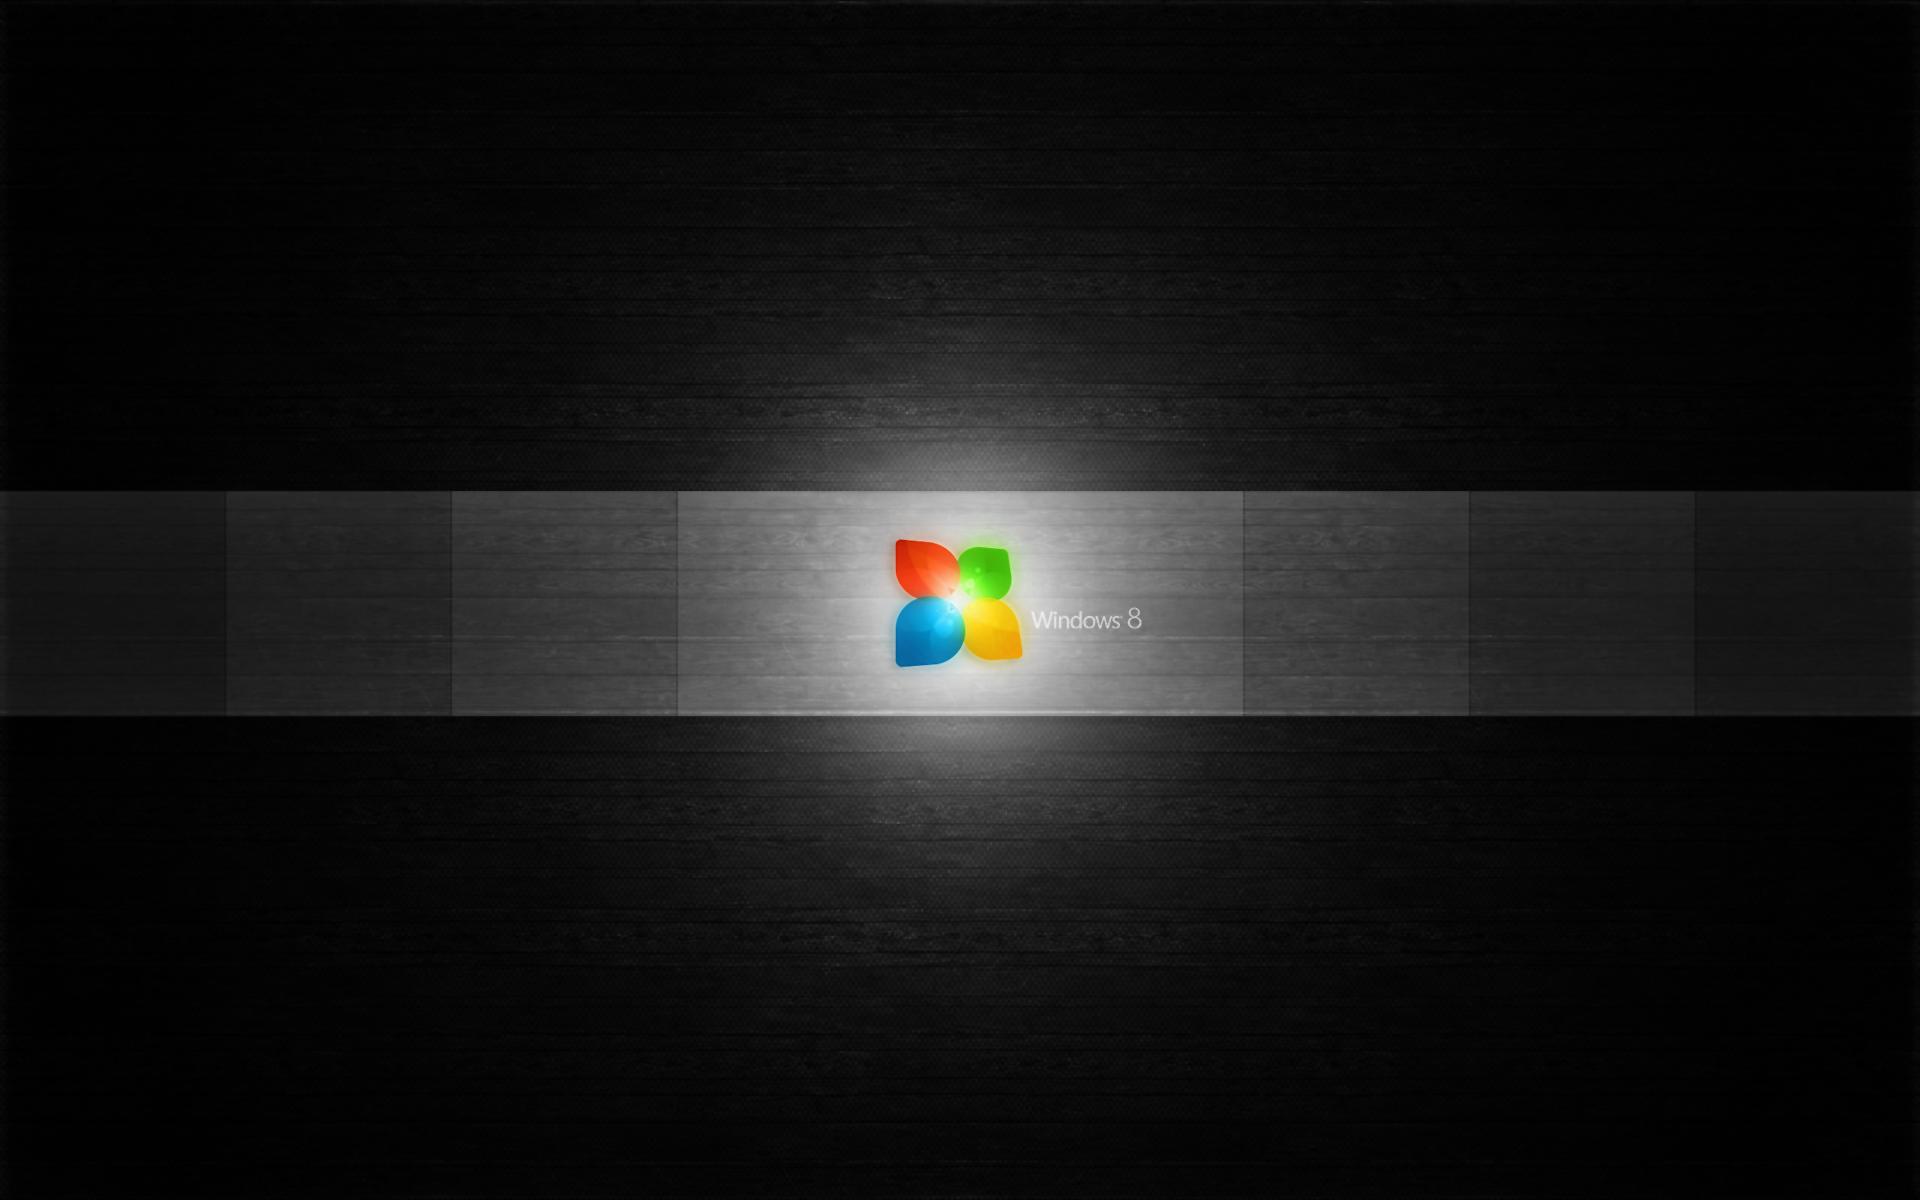 Windows8超精美高清桌面壁纸图片